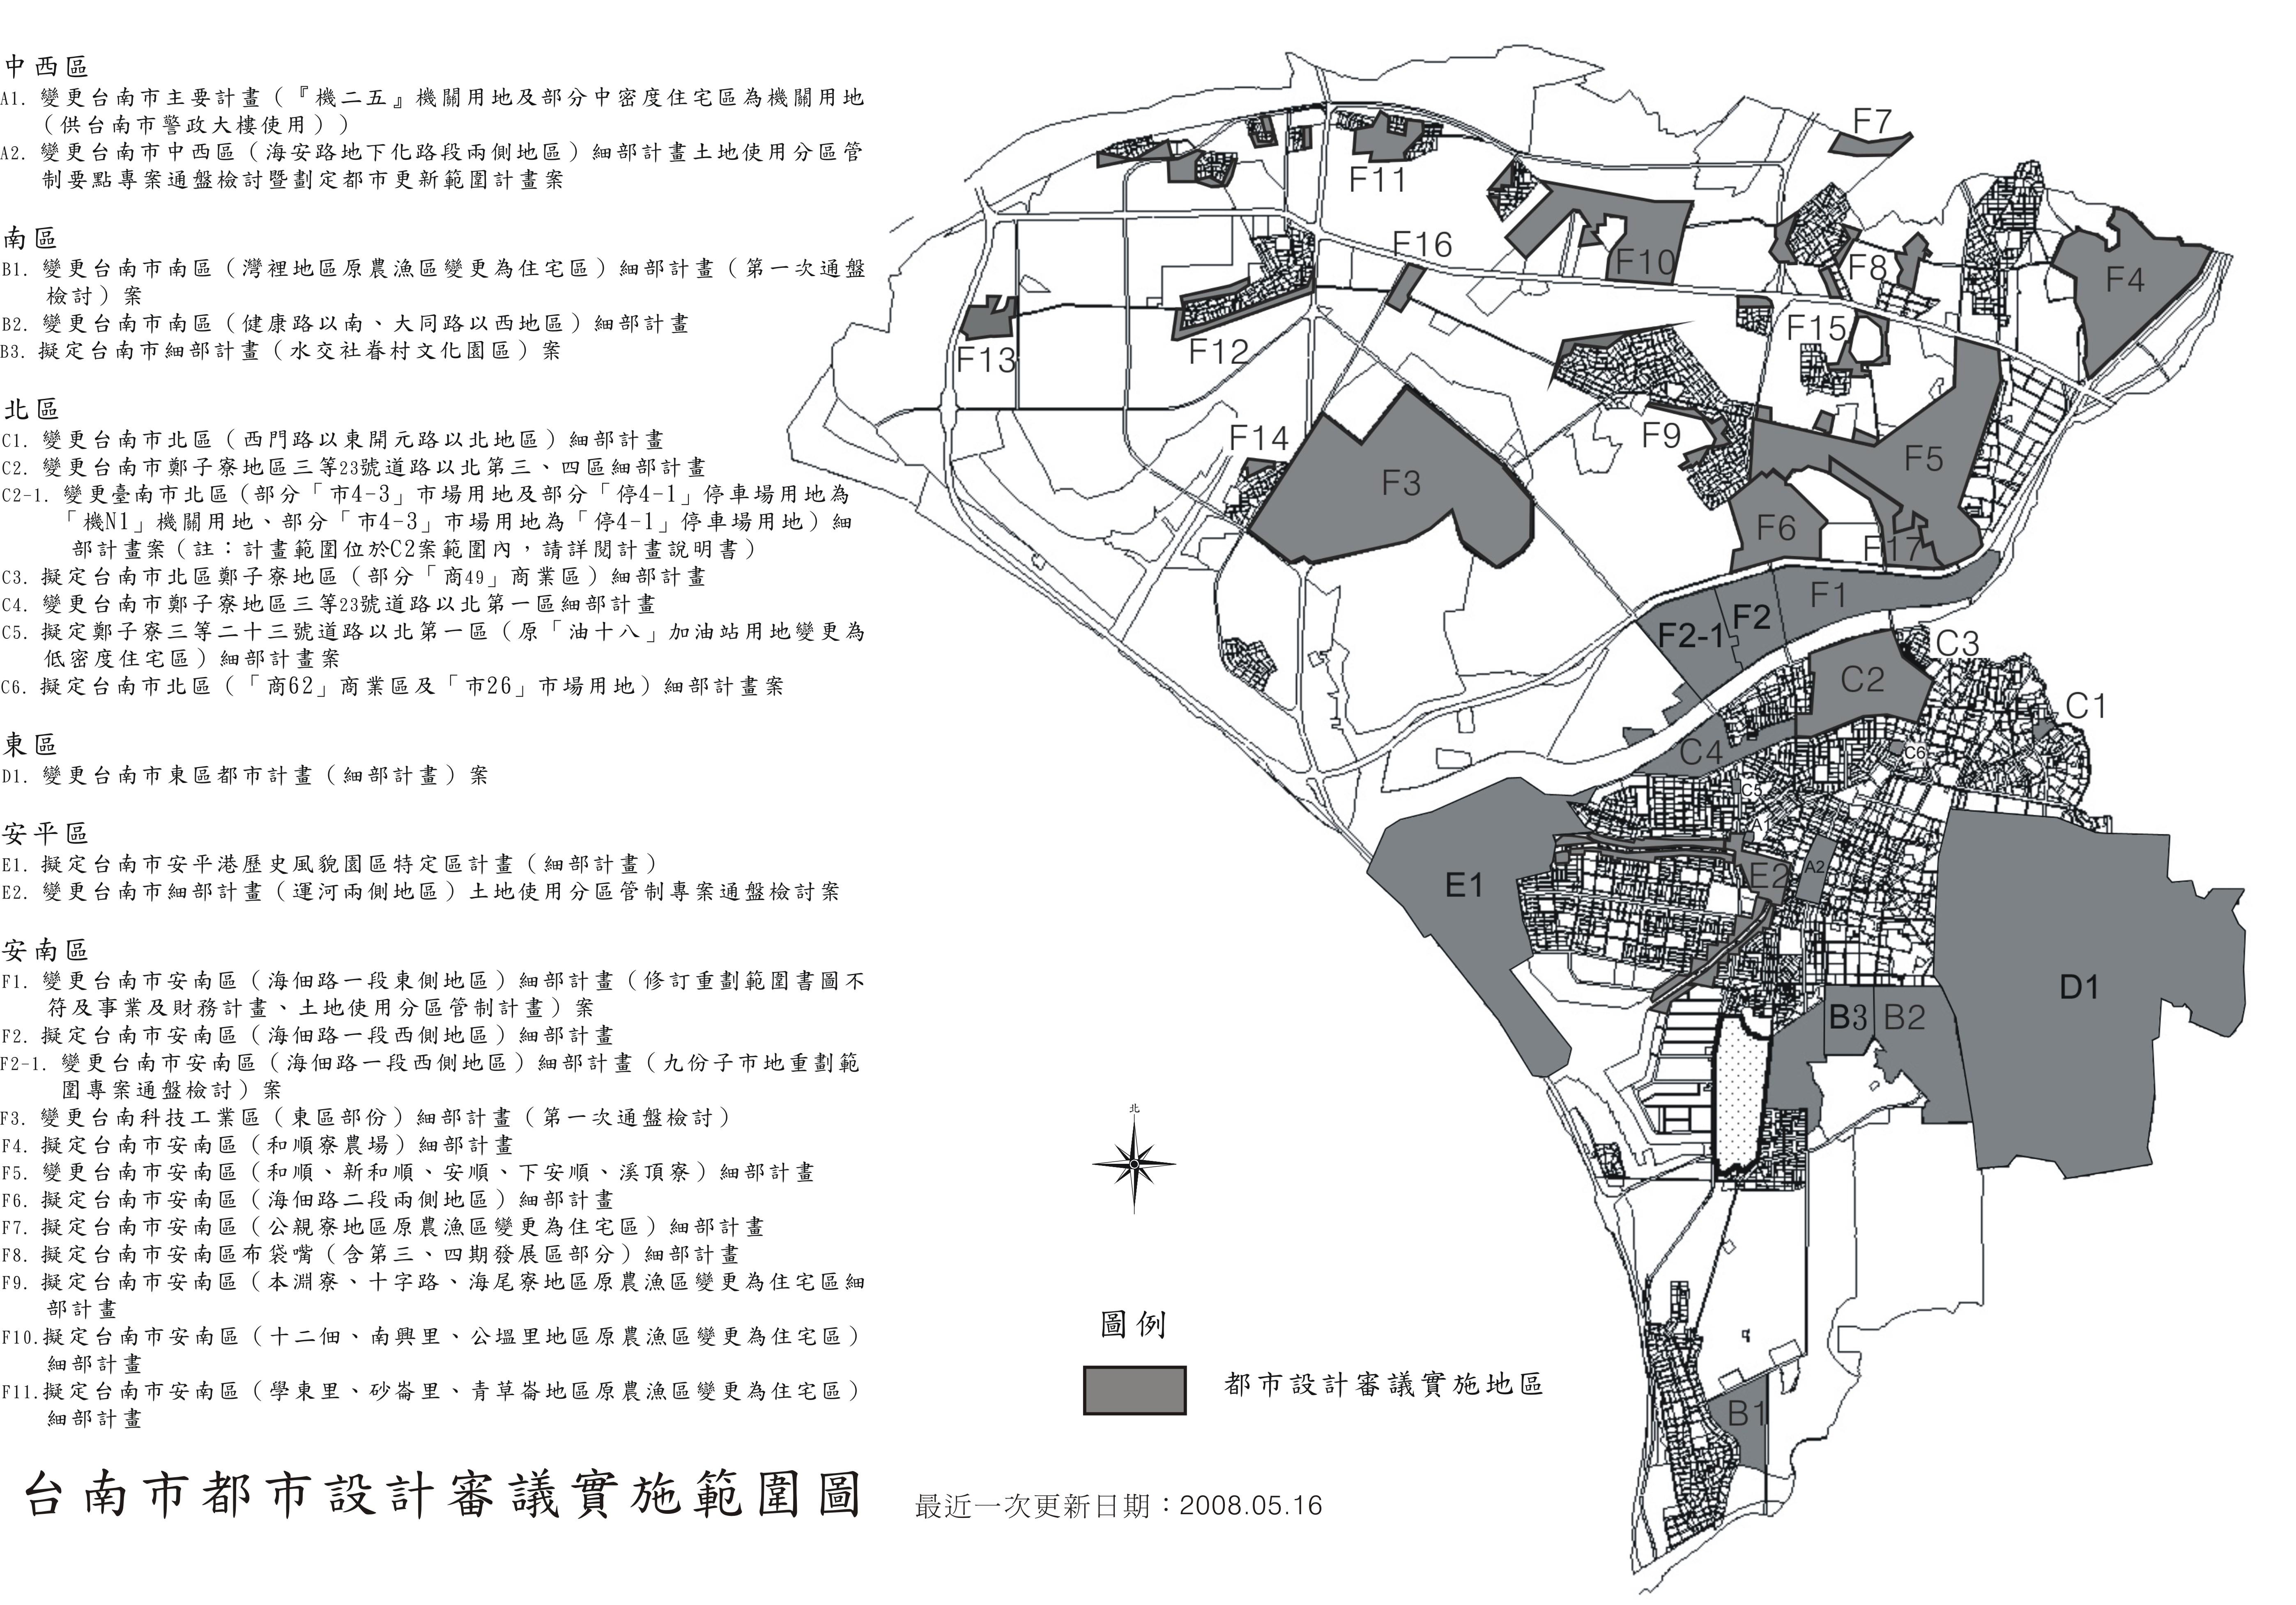 本市都市設計審議範圍圖更新上網,請需要民眾多加利用!  0